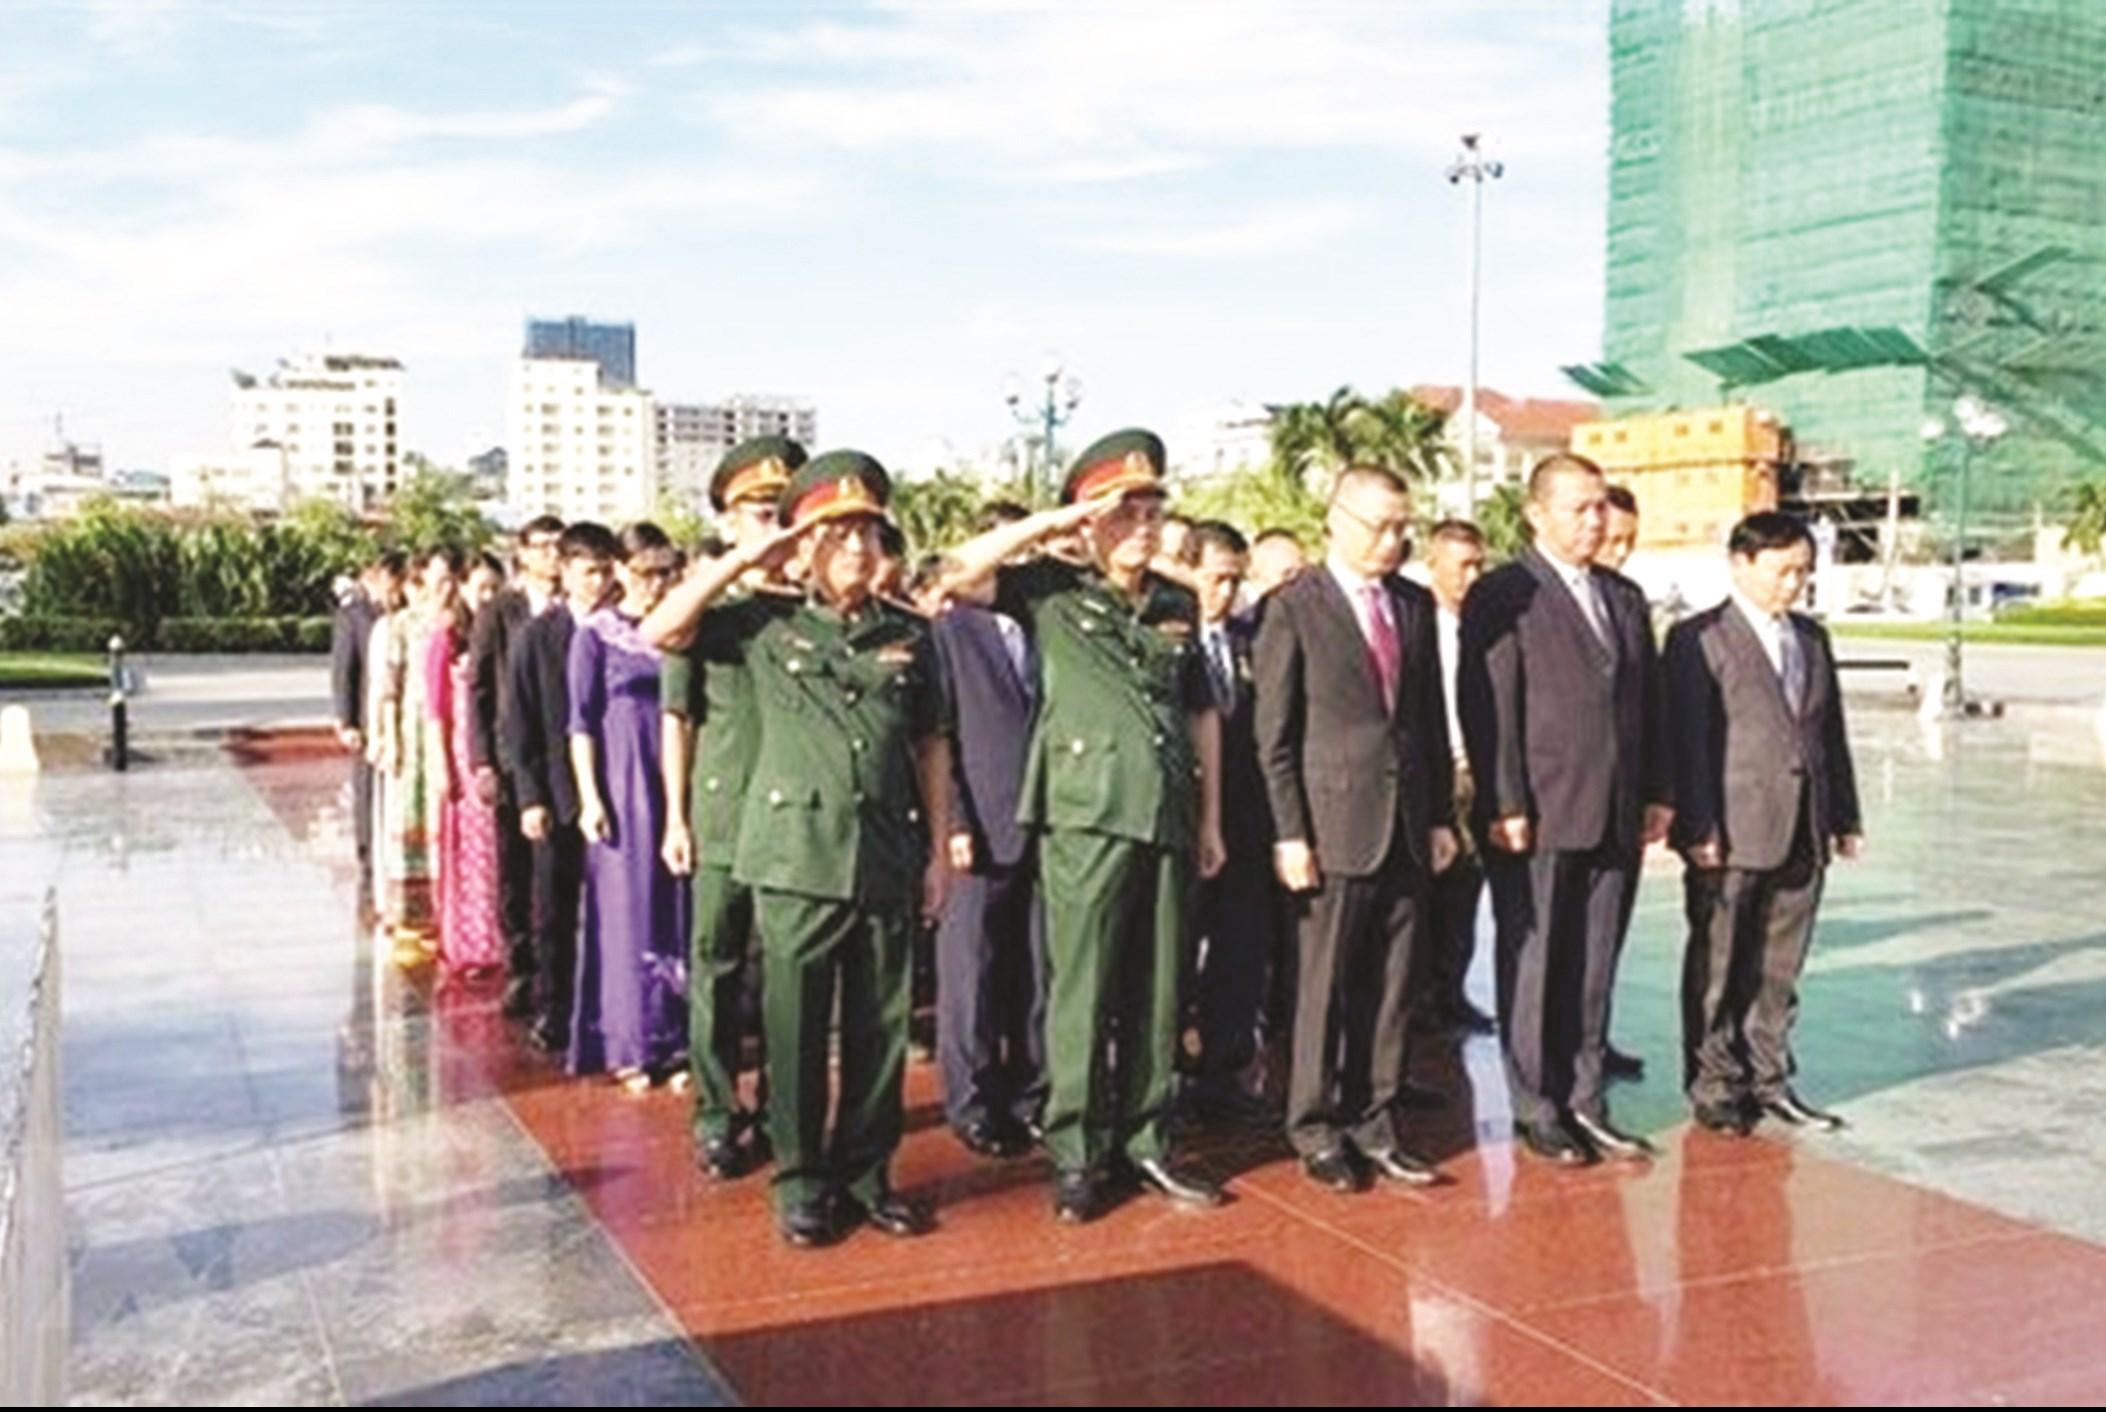 Đoàn cán bộ Việt Nam do Đại sứ Vũ Quang Minh dẫn đầu dâng hương tri ân các Anh hùng liệt sĩ tại Tượng đài Hữu nghị Việt Nam-Campuchia ở thủ đô Phnom Penh. (Ảnh: TTXVN)